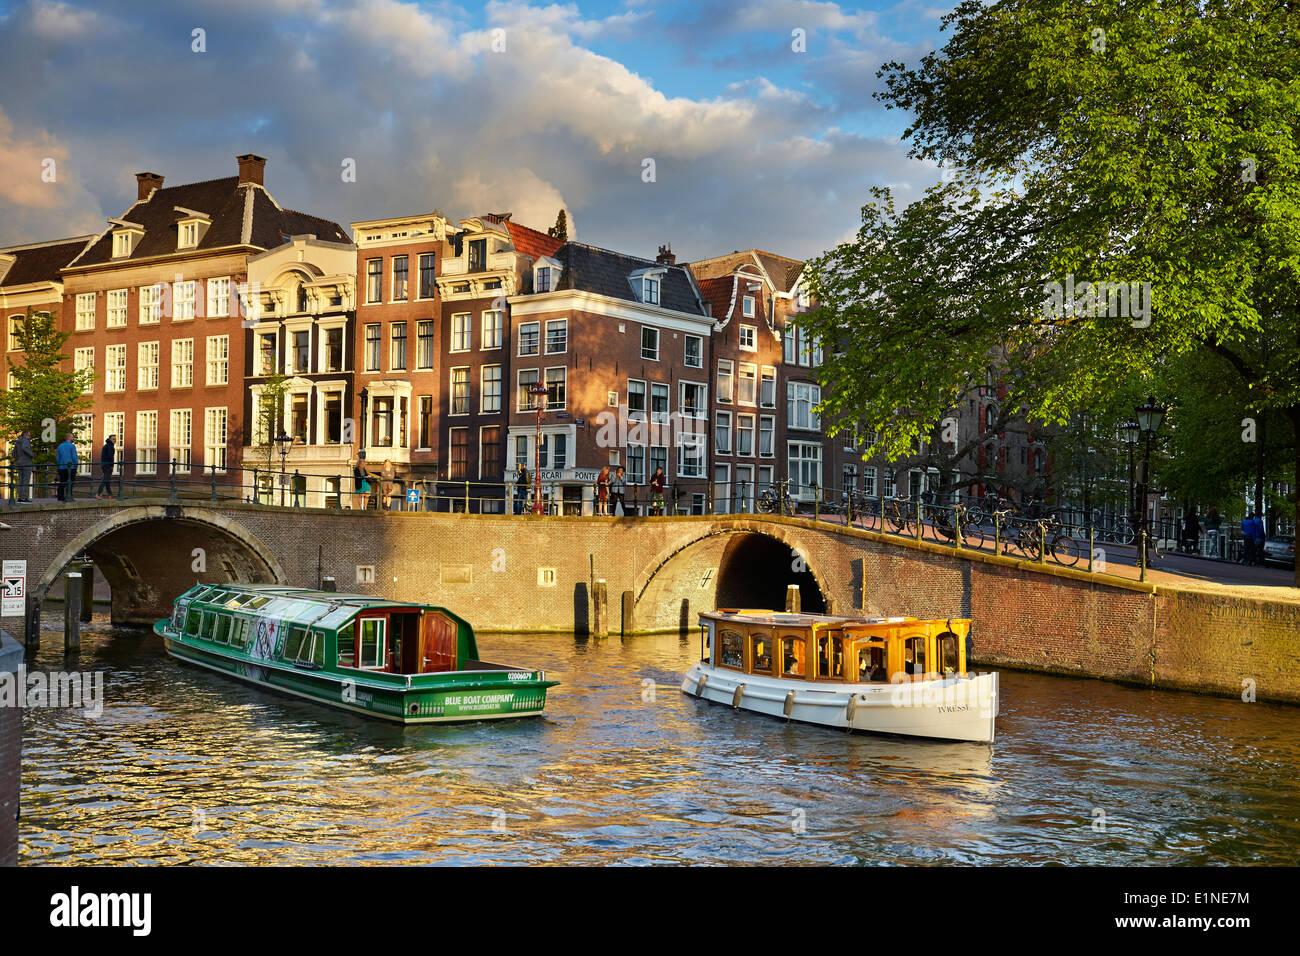 Bateau touristique sur un canal à Amsterdam - Hollande Pays-Bas Photo Stock